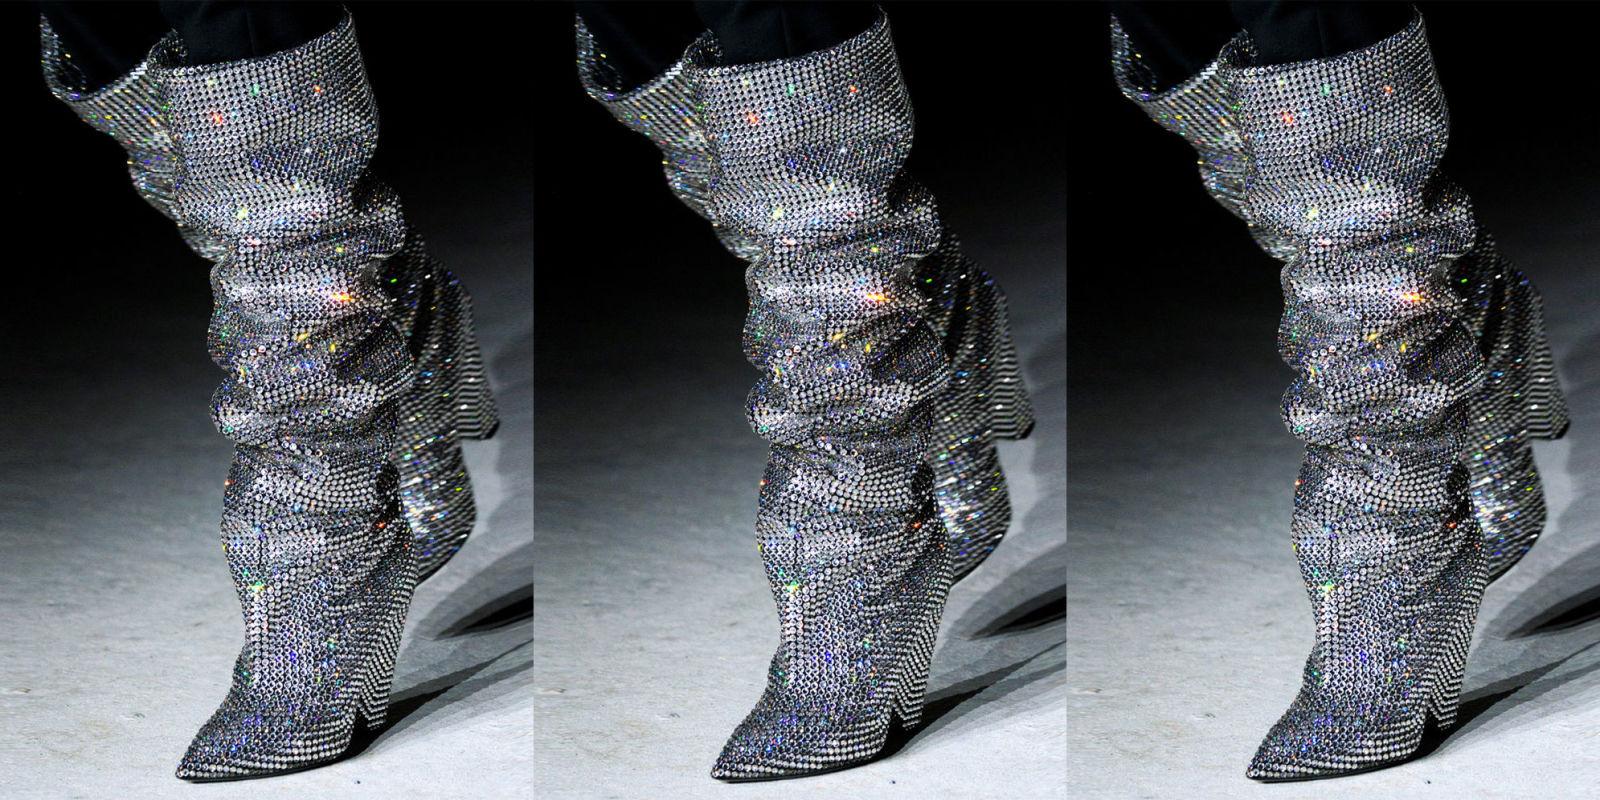 Rihanna Wears Knee High Glitter Boots From Saint Lauren